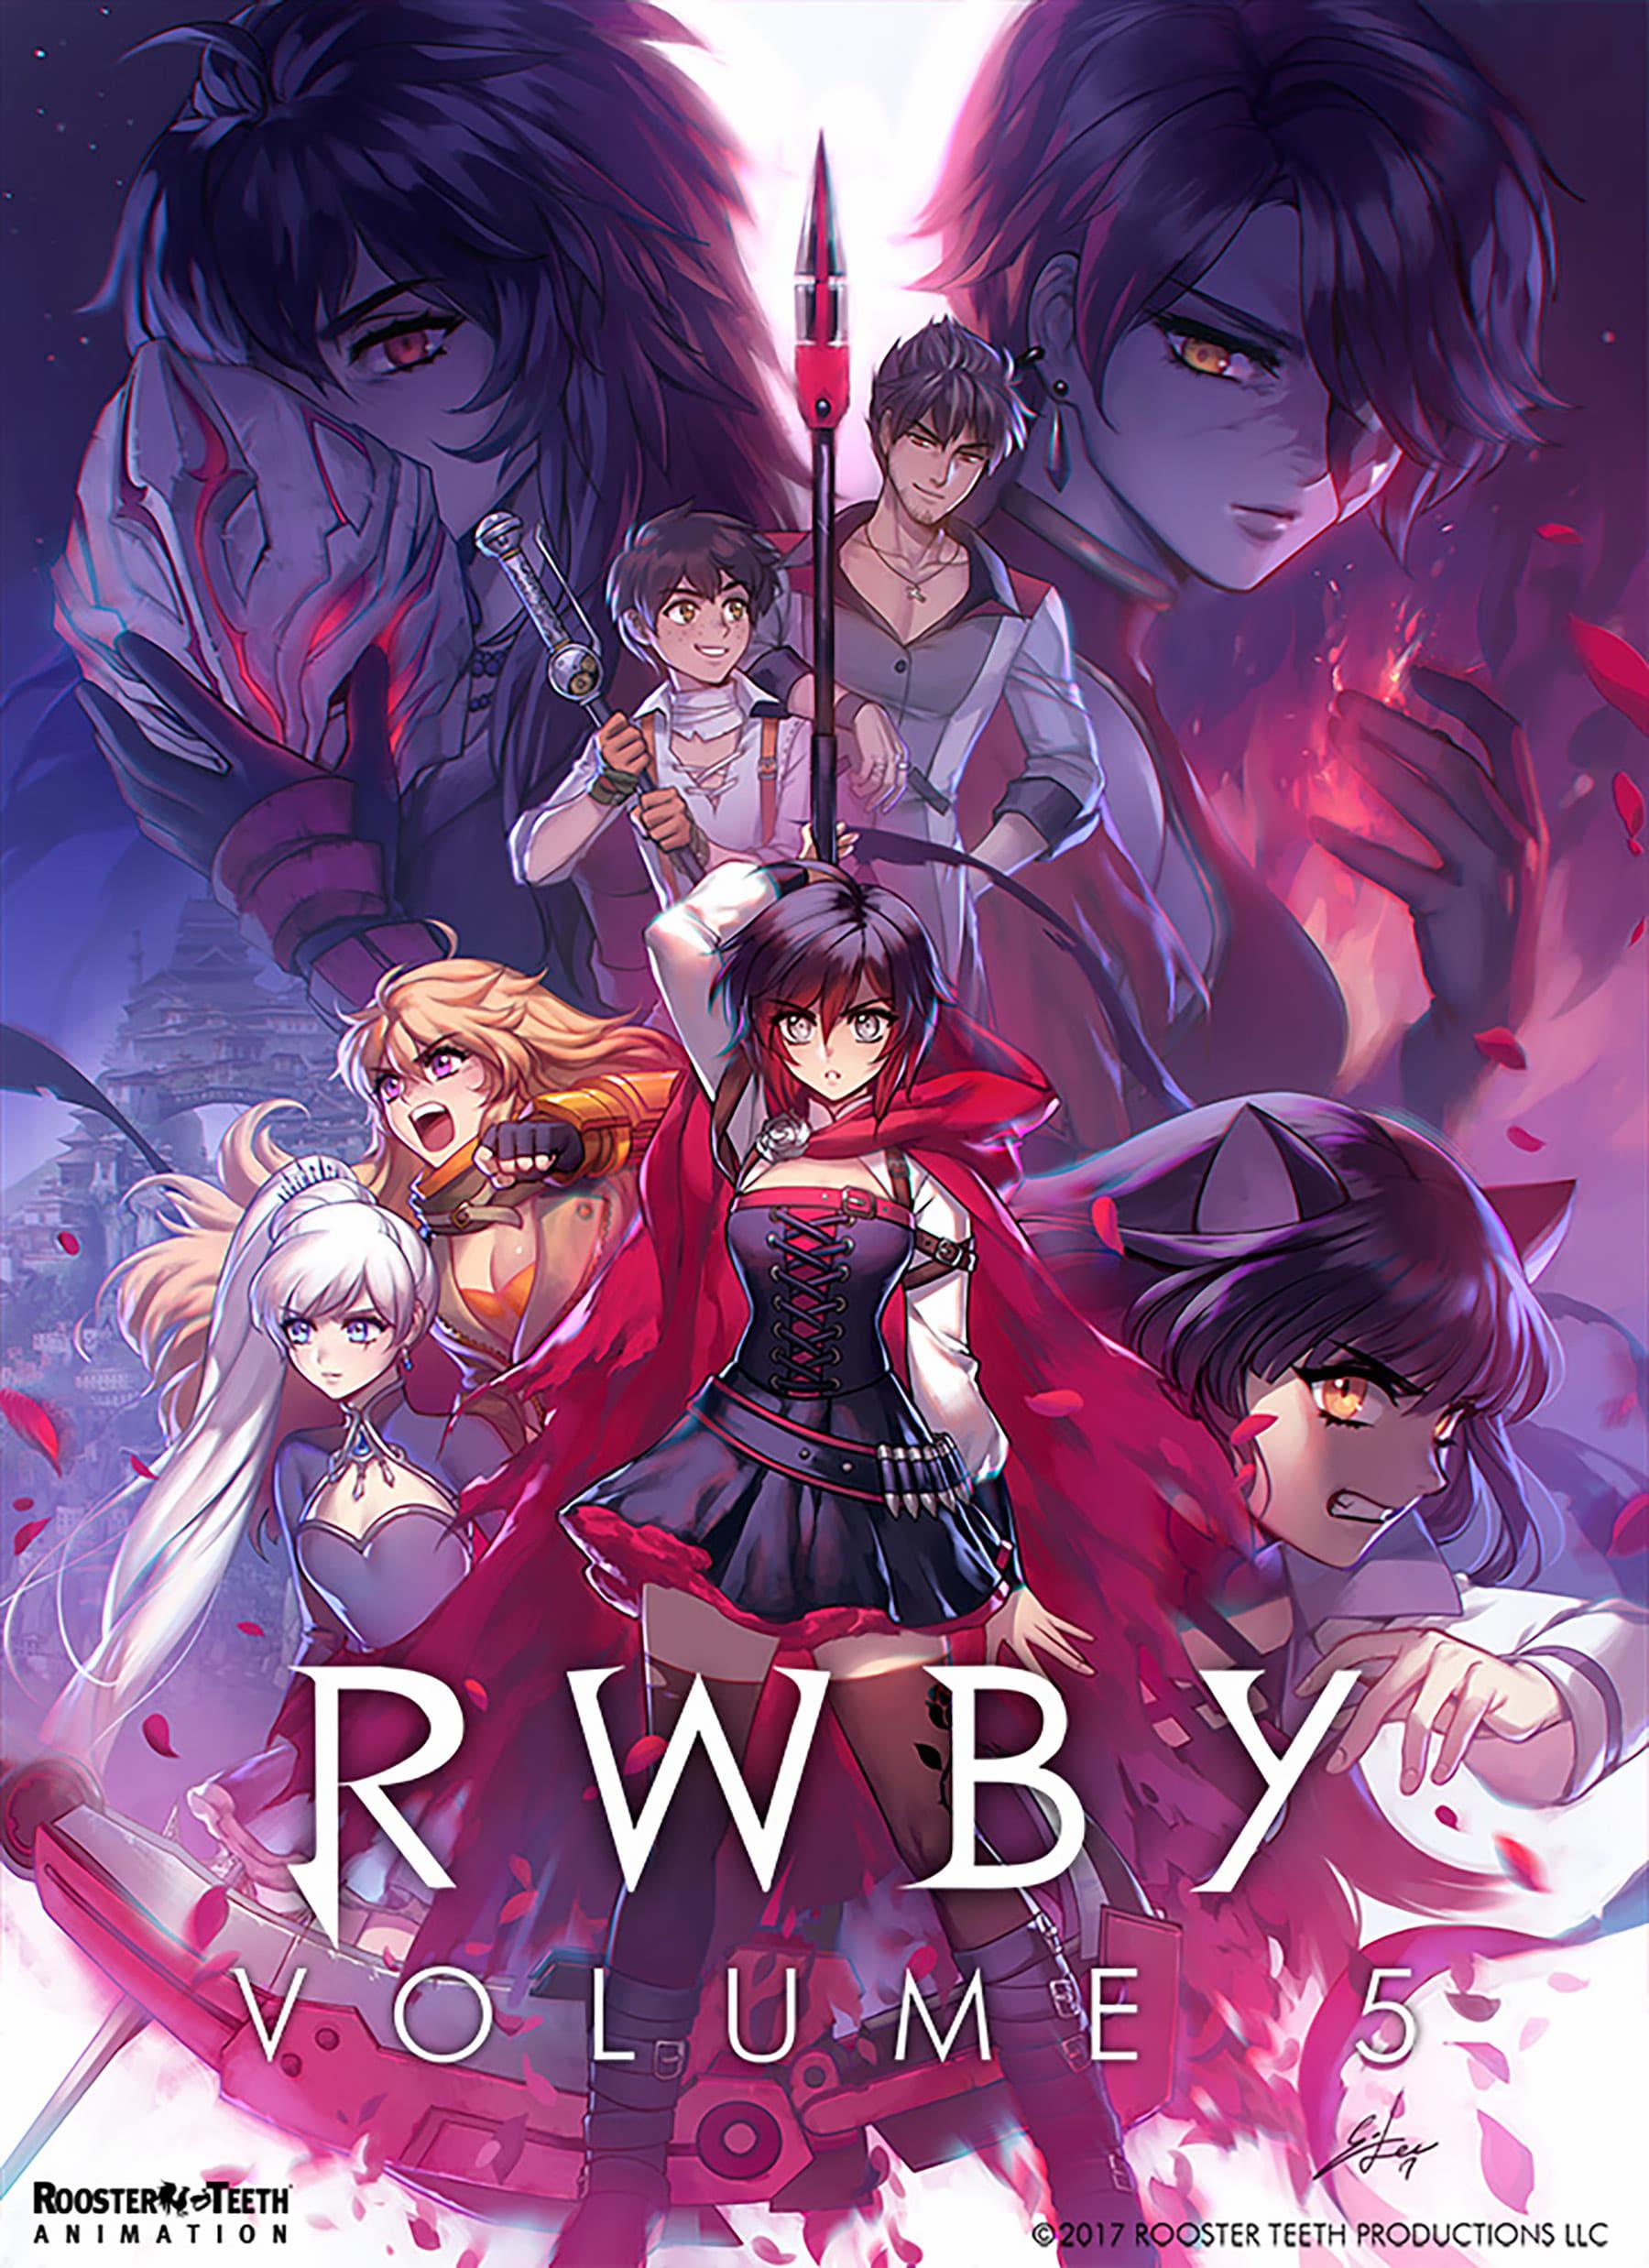 RWBY: Volume 5 (2017)